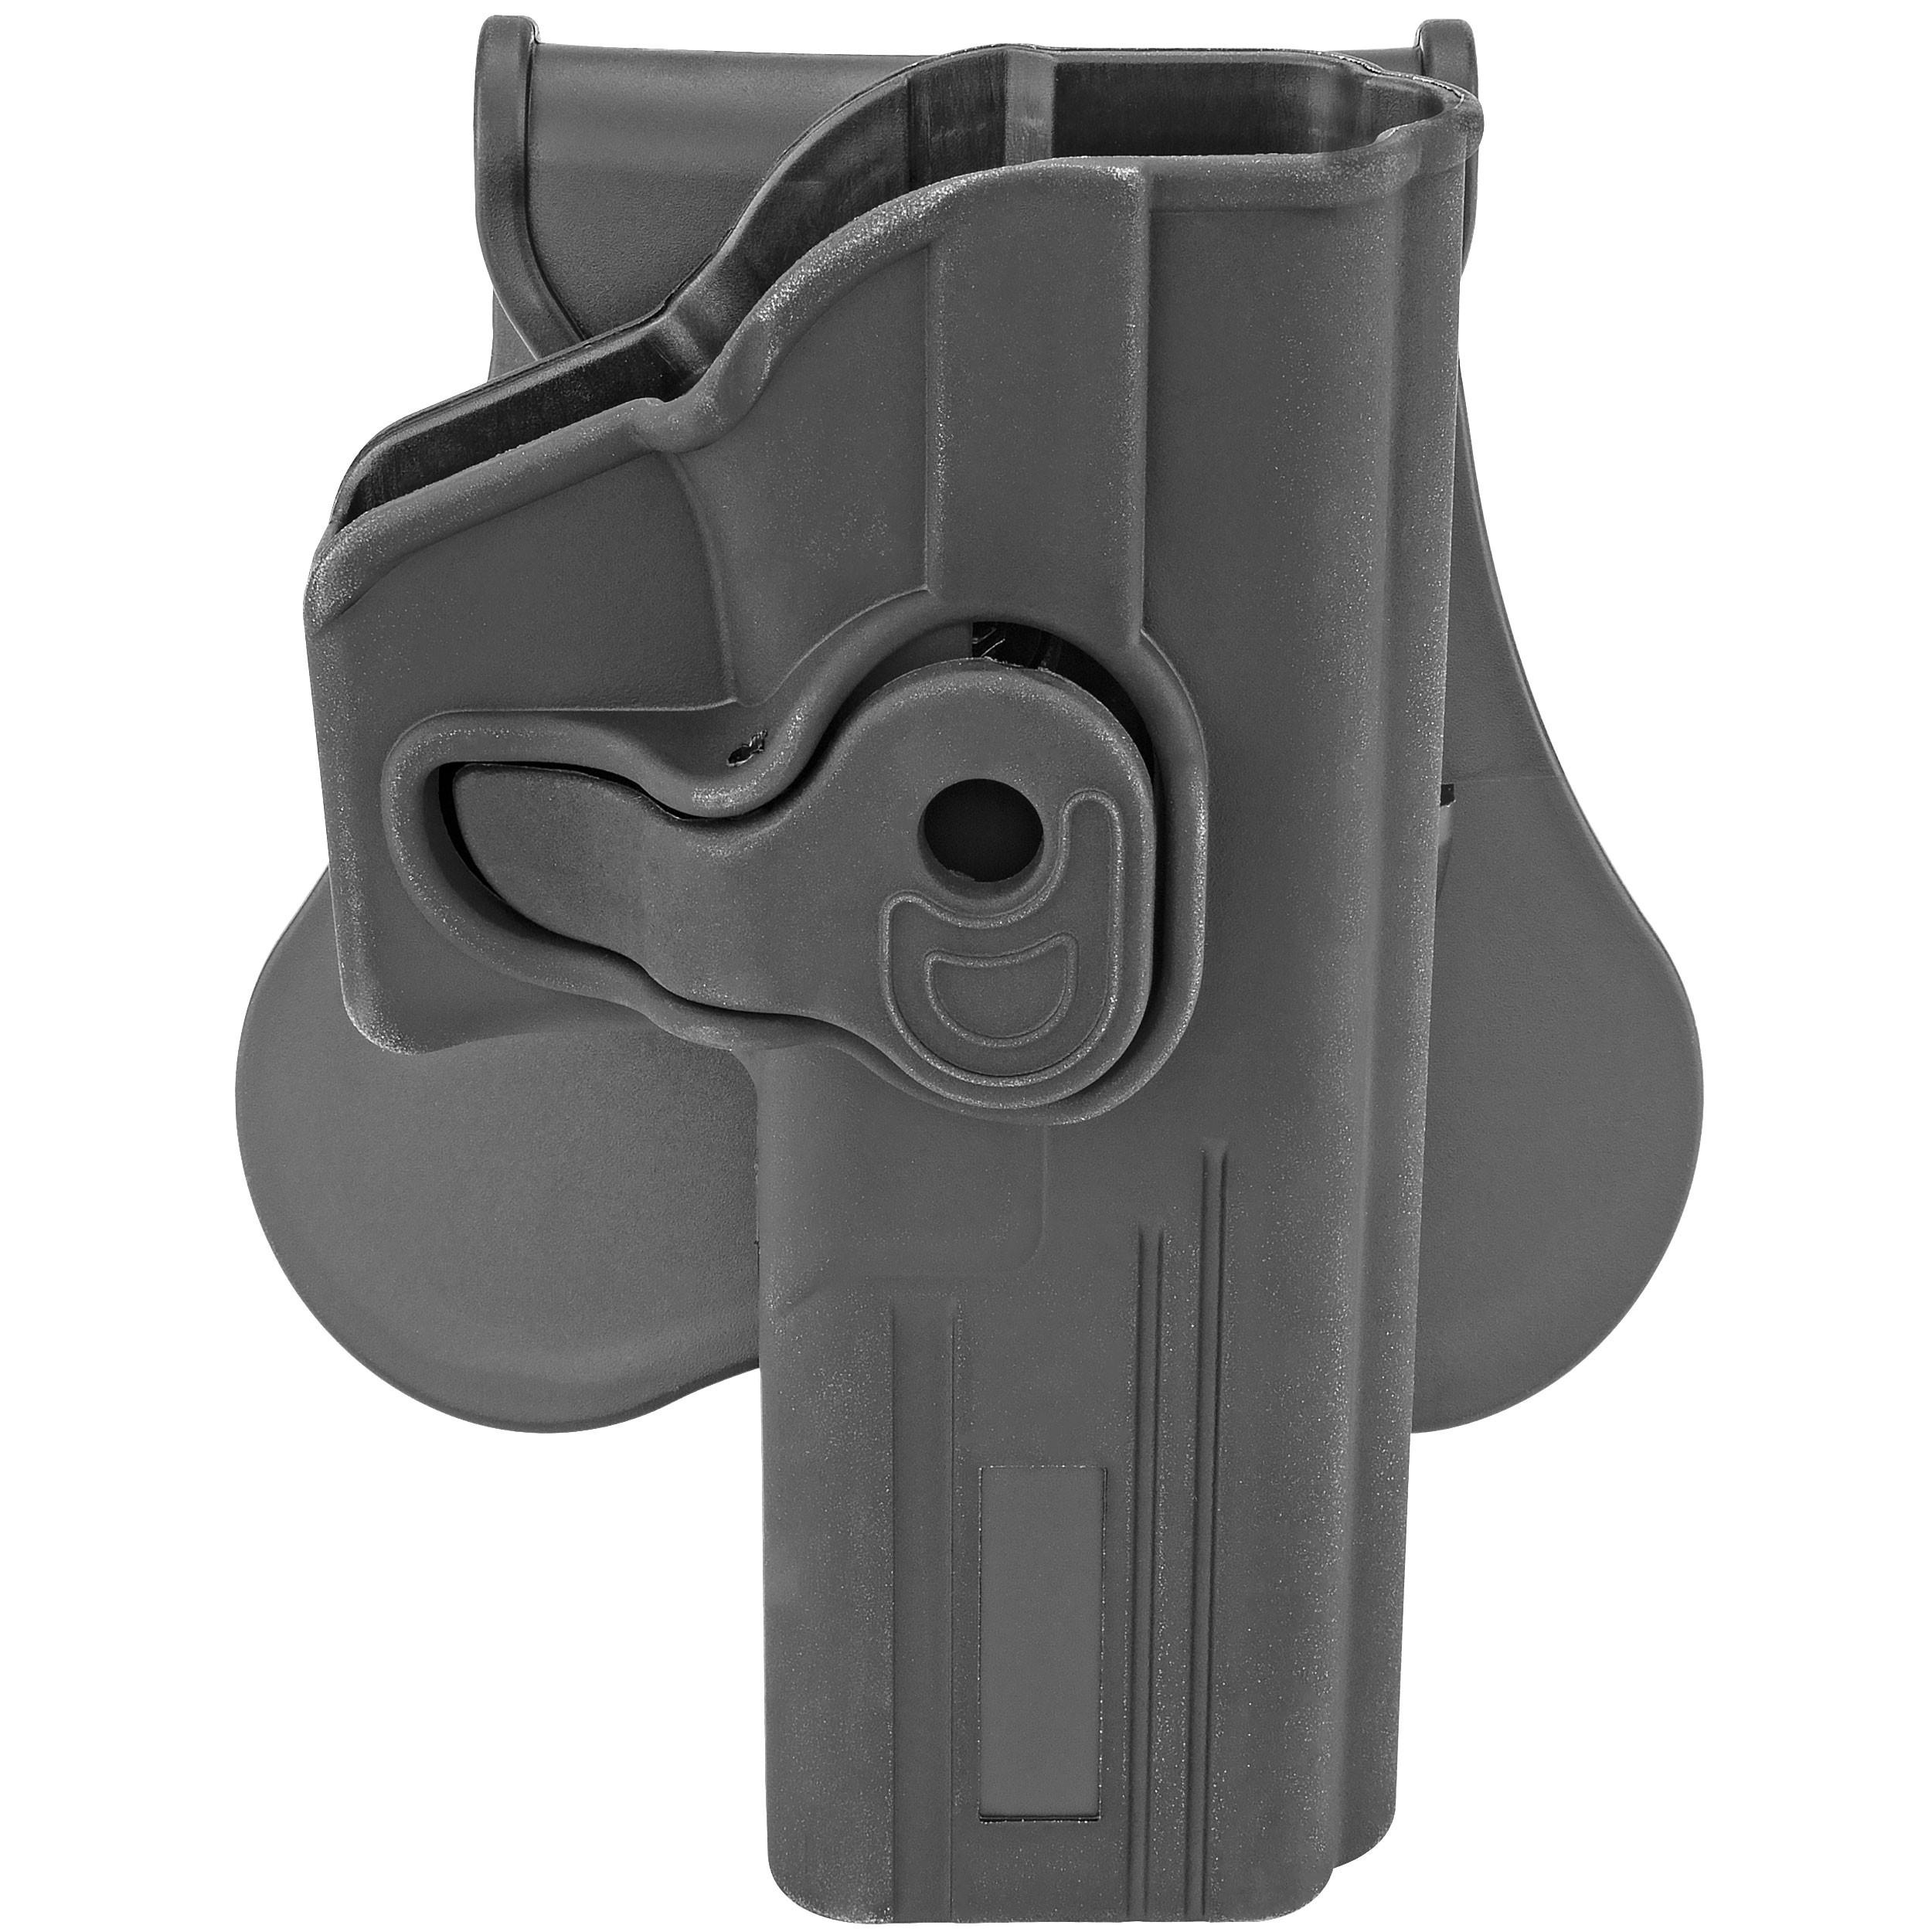 Fits Glock 17, 22, 31 (Gen 1,2,3,4)